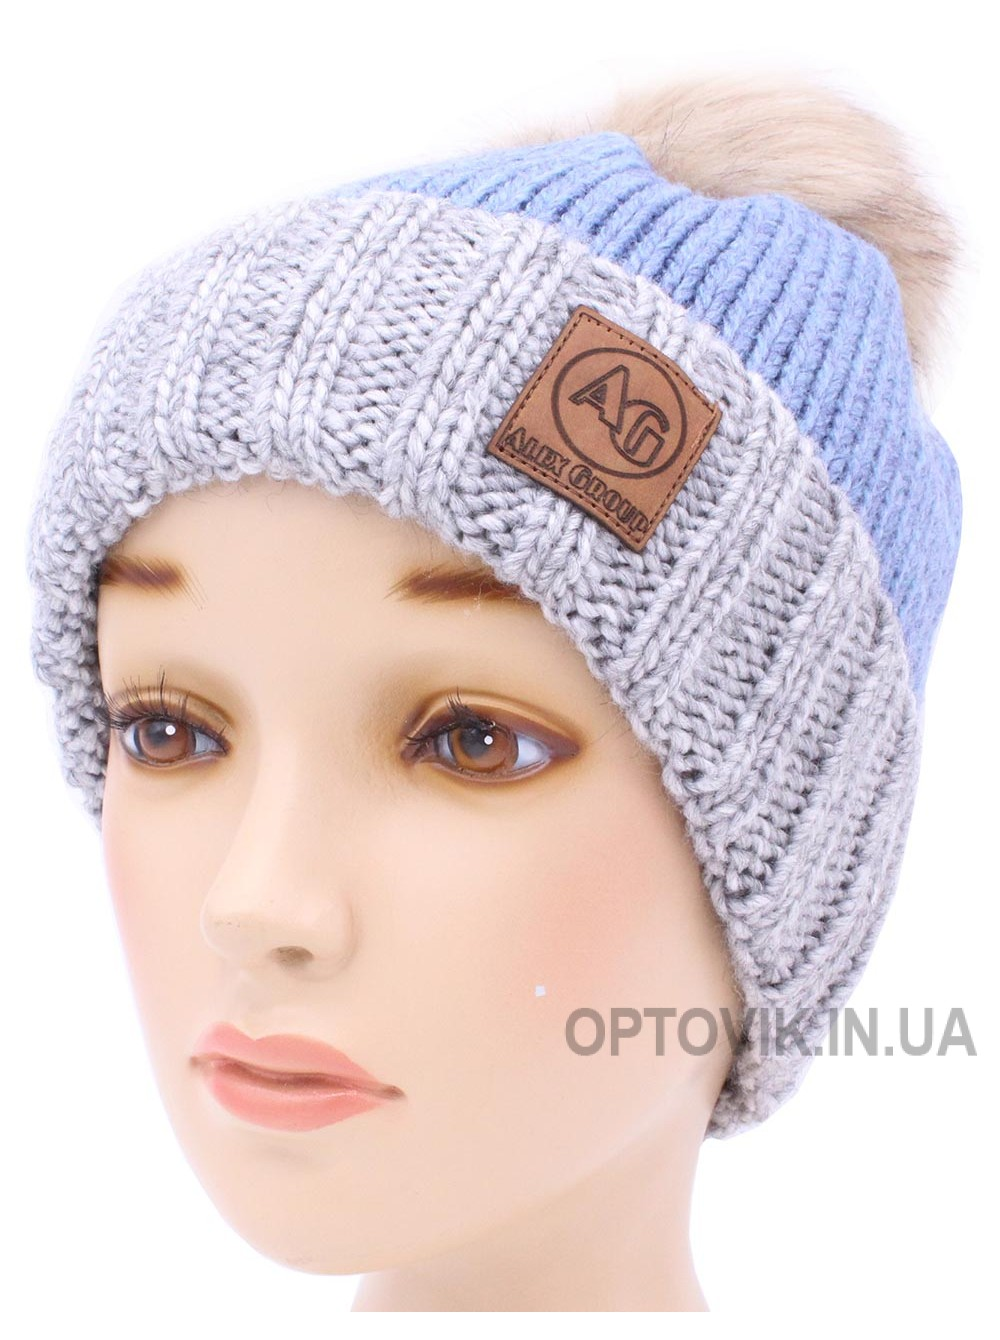 Детская вязаная шапка Николас D53532-50-54